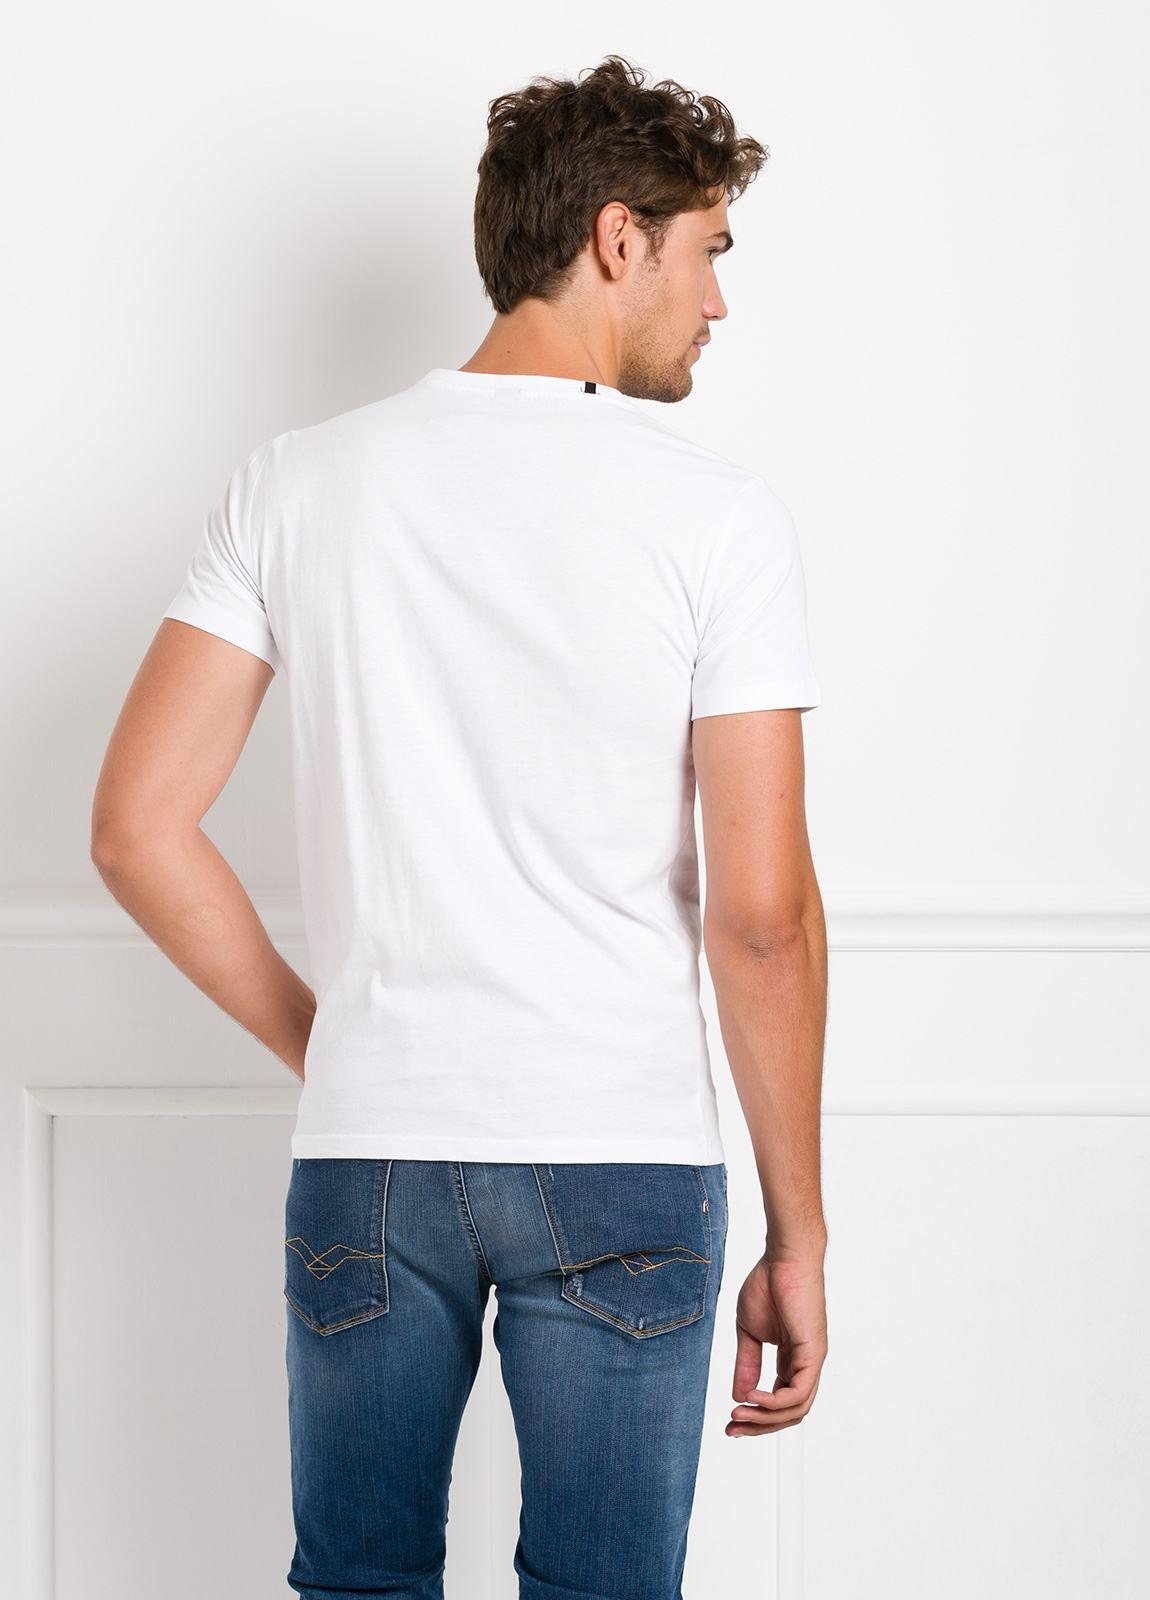 Camiseta manga corta color blanco con estampado gráfico. 100% Algodón. - Ítem1